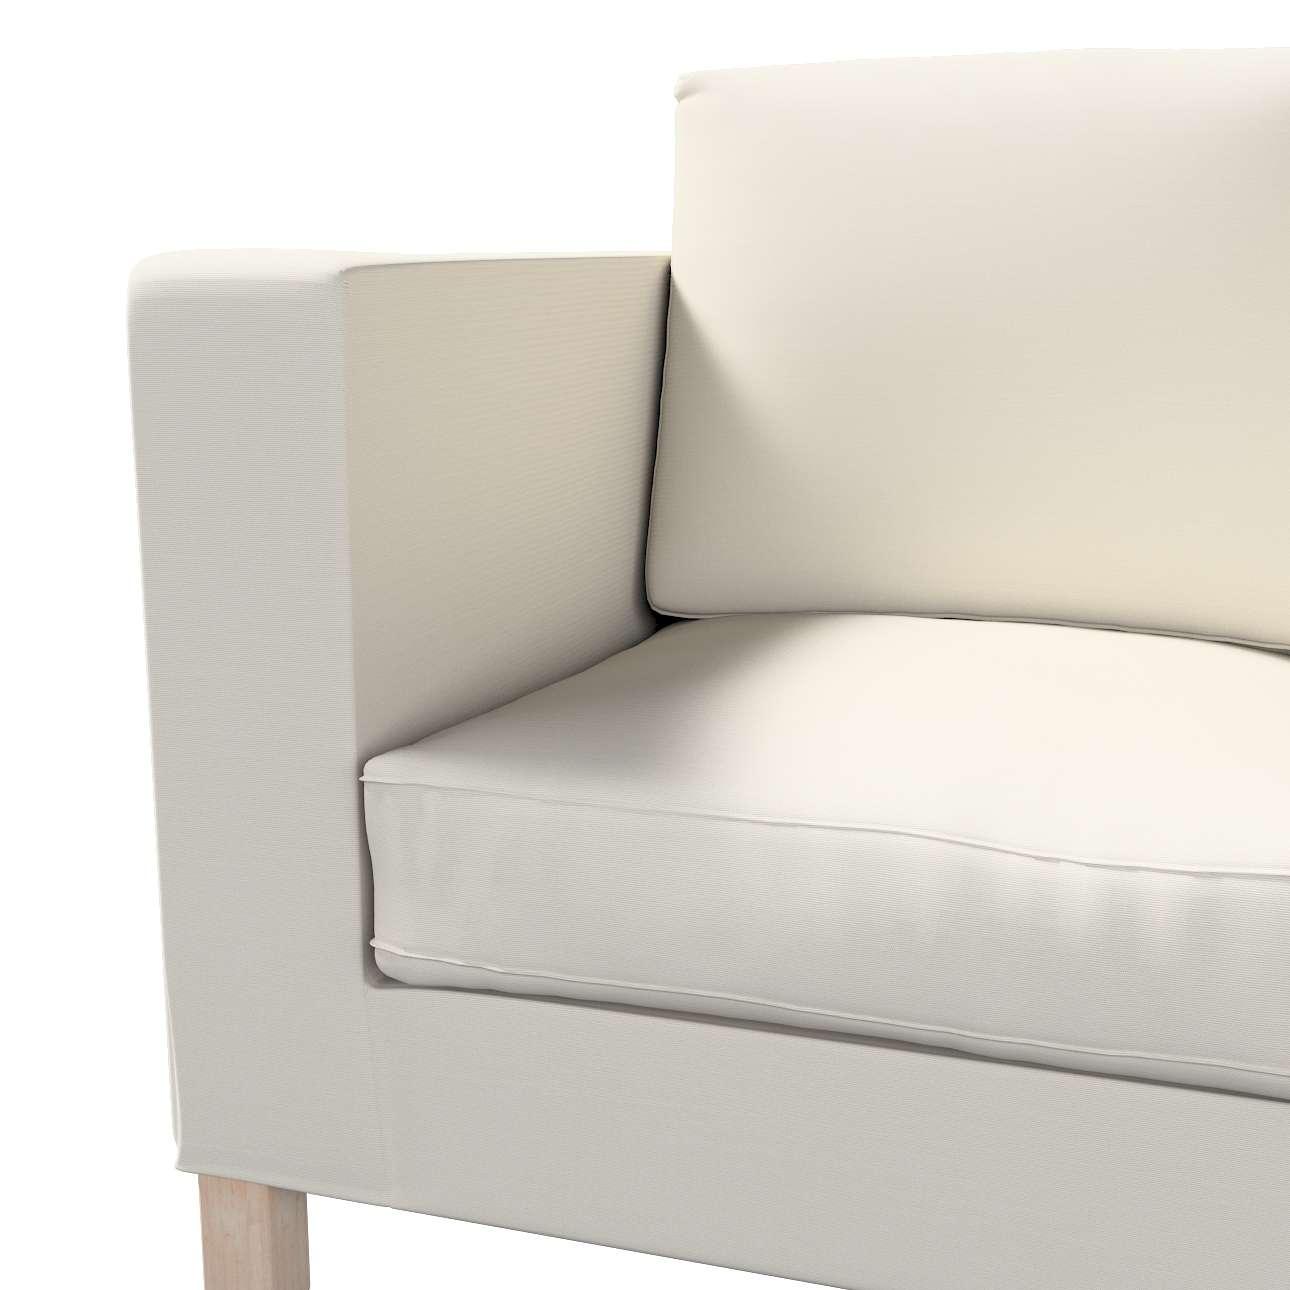 Pokrowiec na sofę Karlanda 2-osobową nierozkładaną, krótki w kolekcji Cotton Panama, tkanina: 702-31